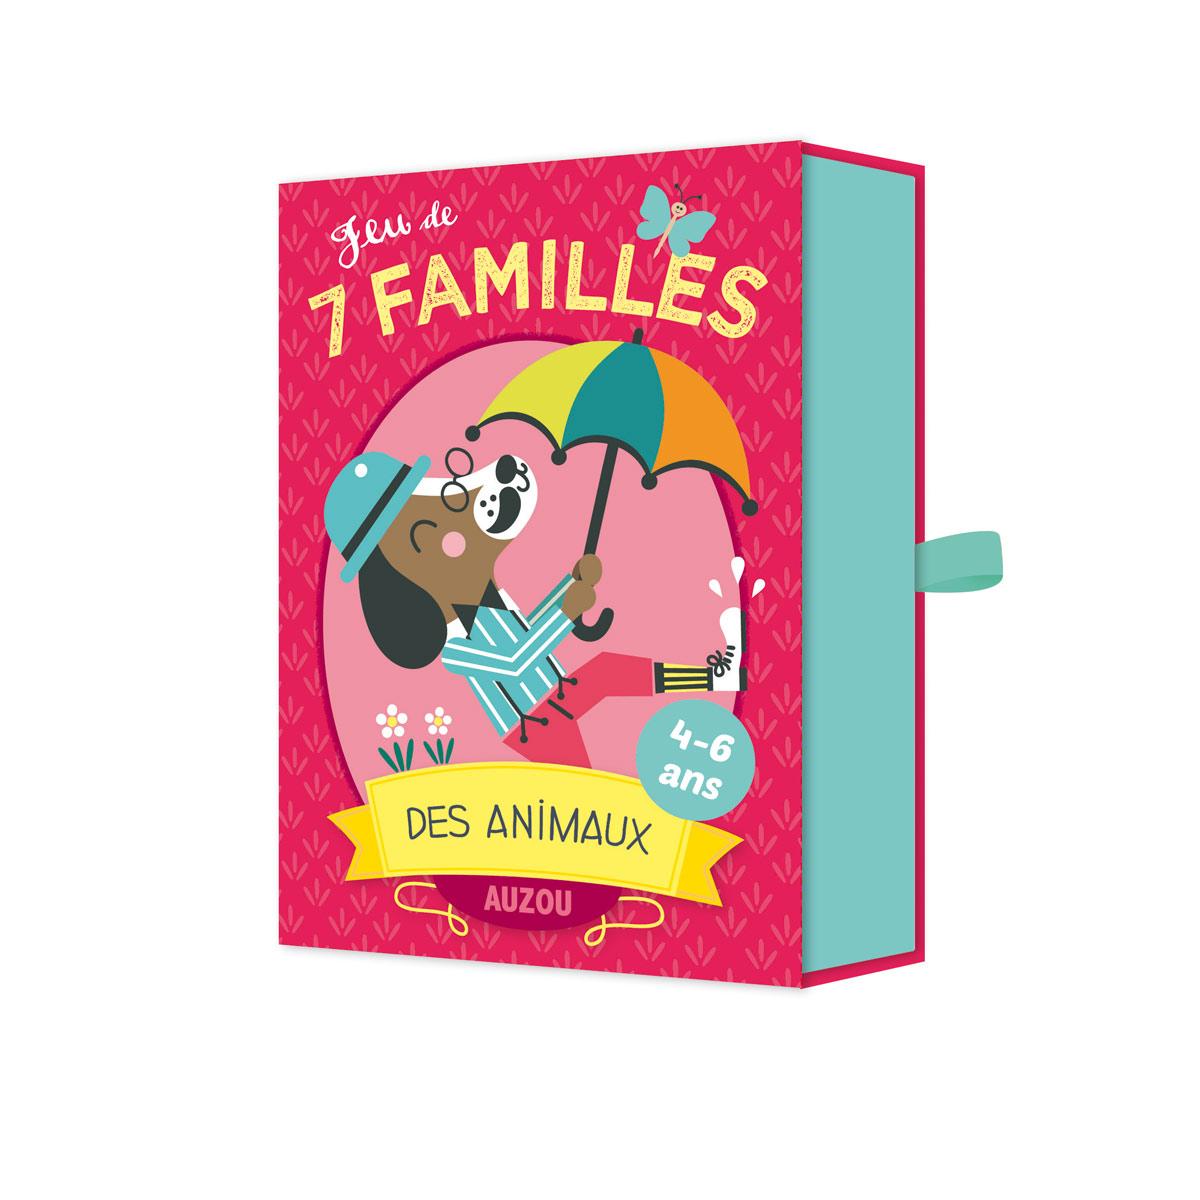 Jeu De 7 Familles Des Animaux destiné Jeux Gratuits Pour Enfants De 7 Ans